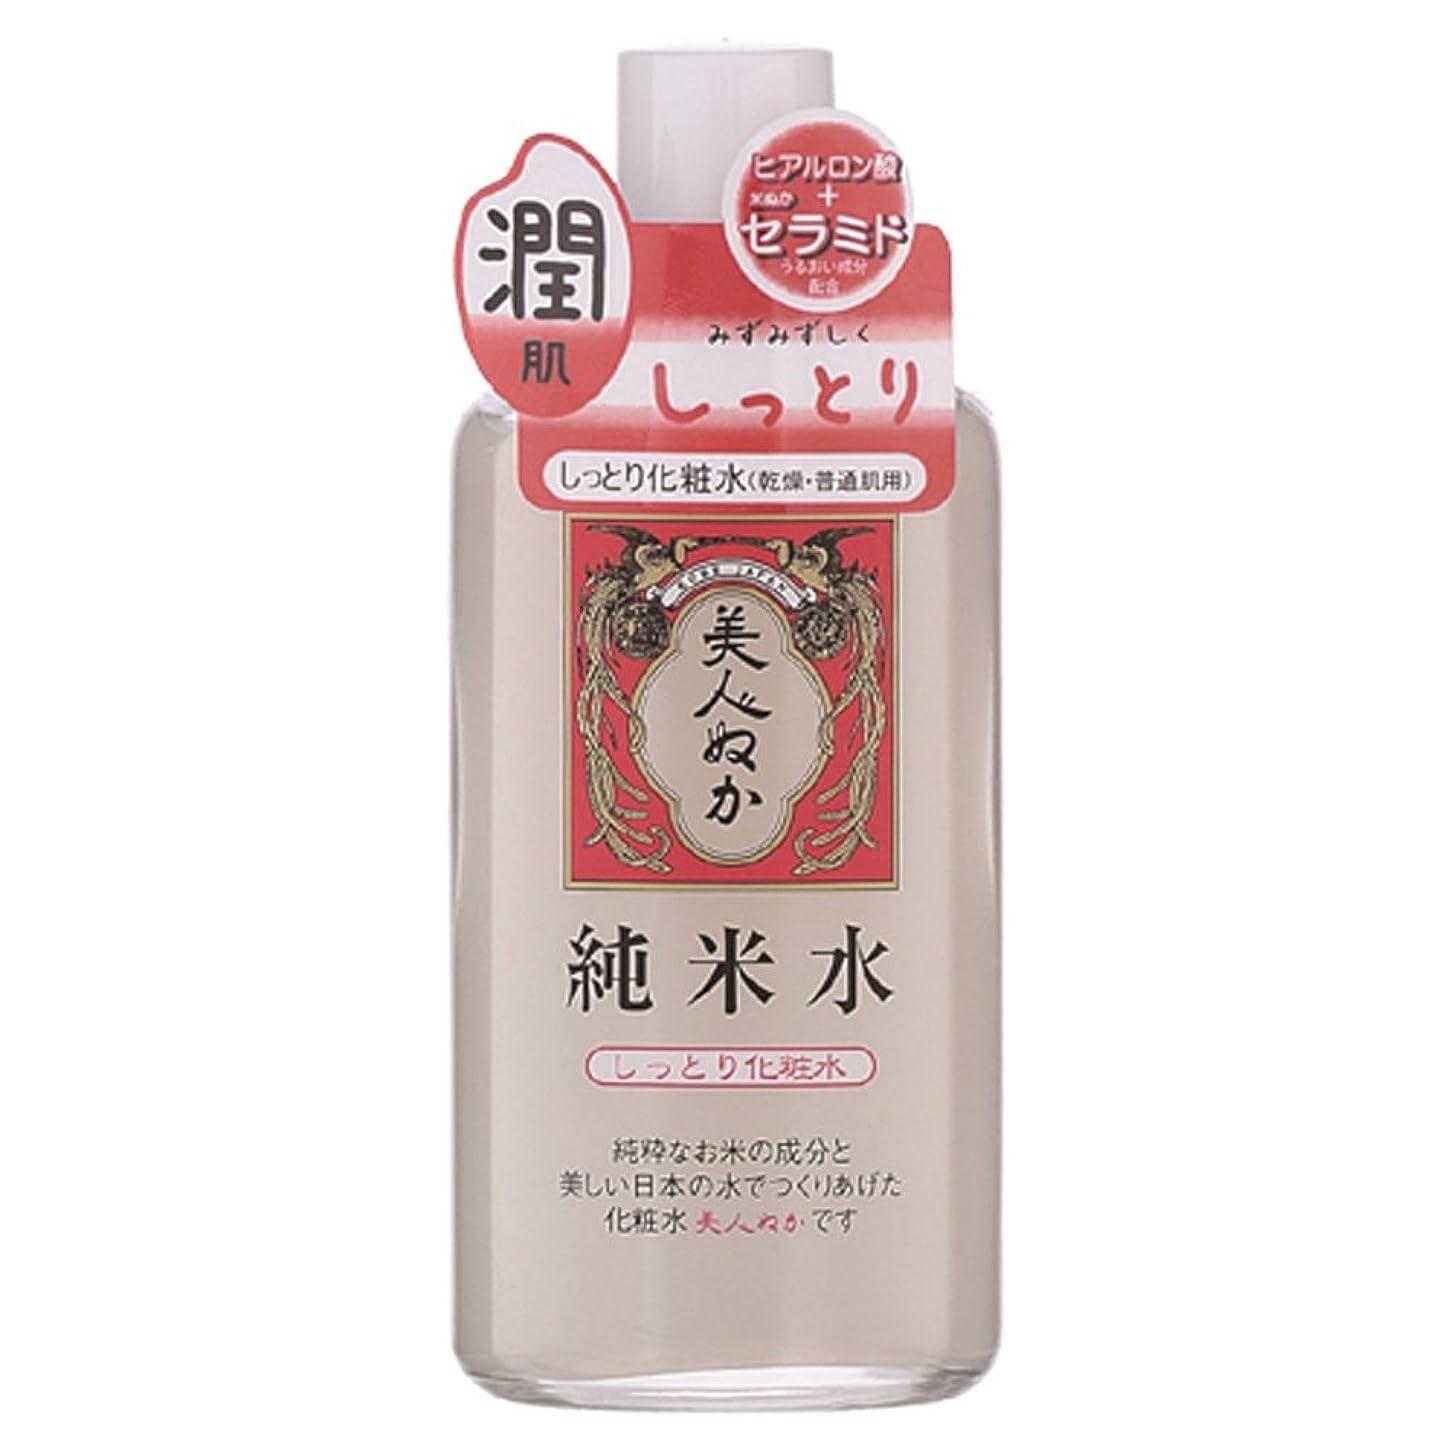 確かめるきしむ内陸美人ぬか 純米水 しっとり化粧水 130mL